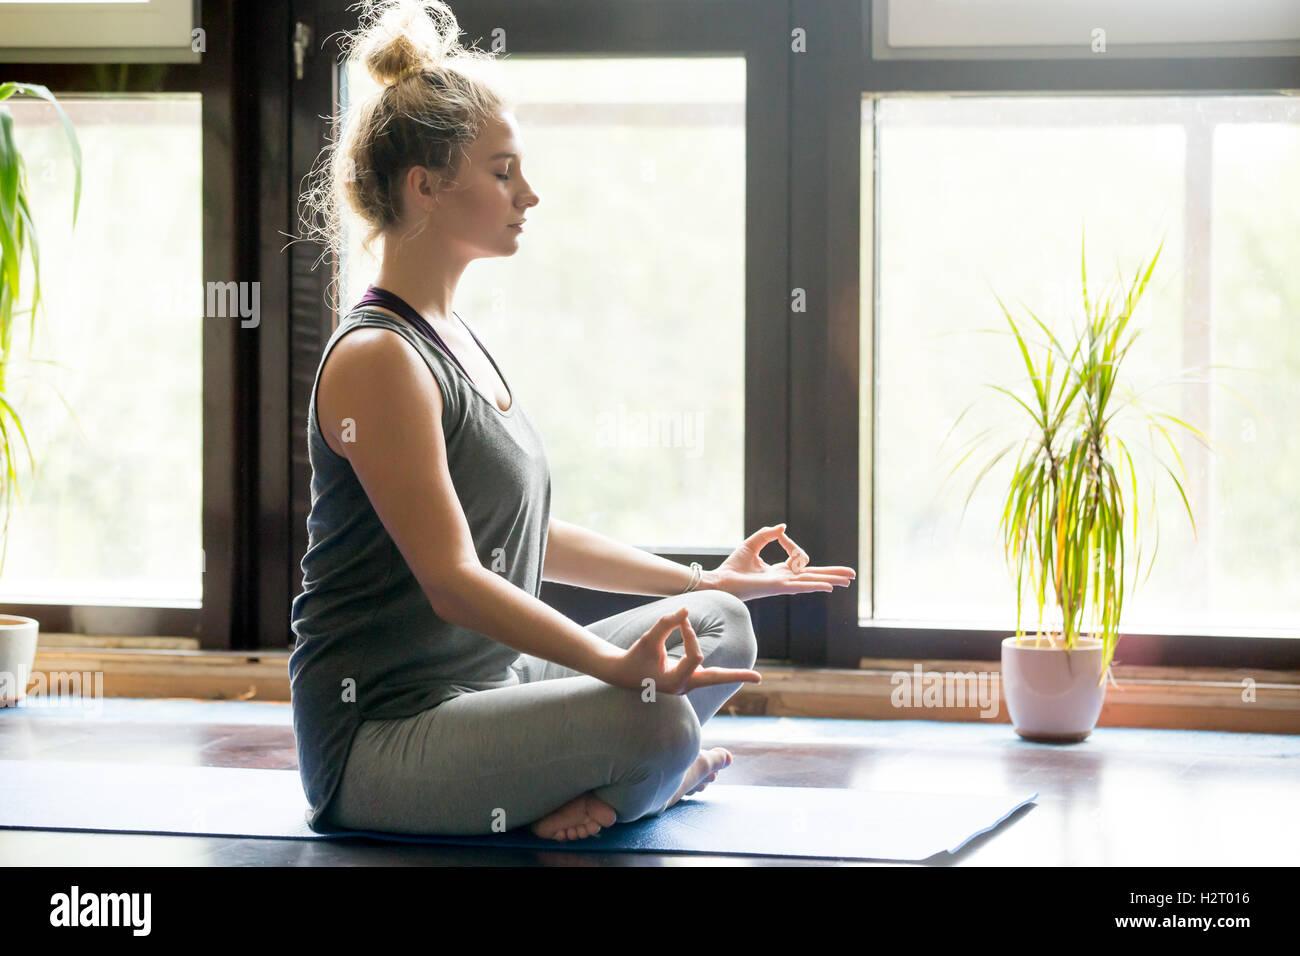 Lo Yoga a casa: meditando donna Immagini Stock